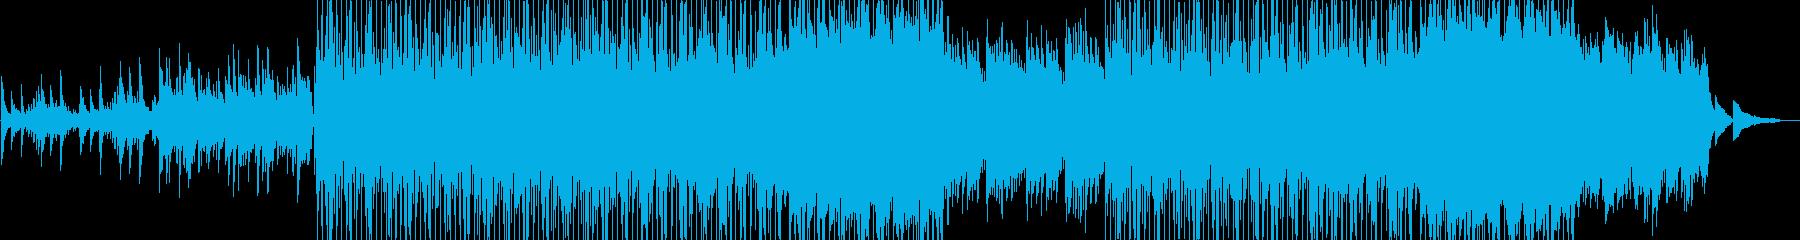 ピアノ主体の癒し系トラックの再生済みの波形